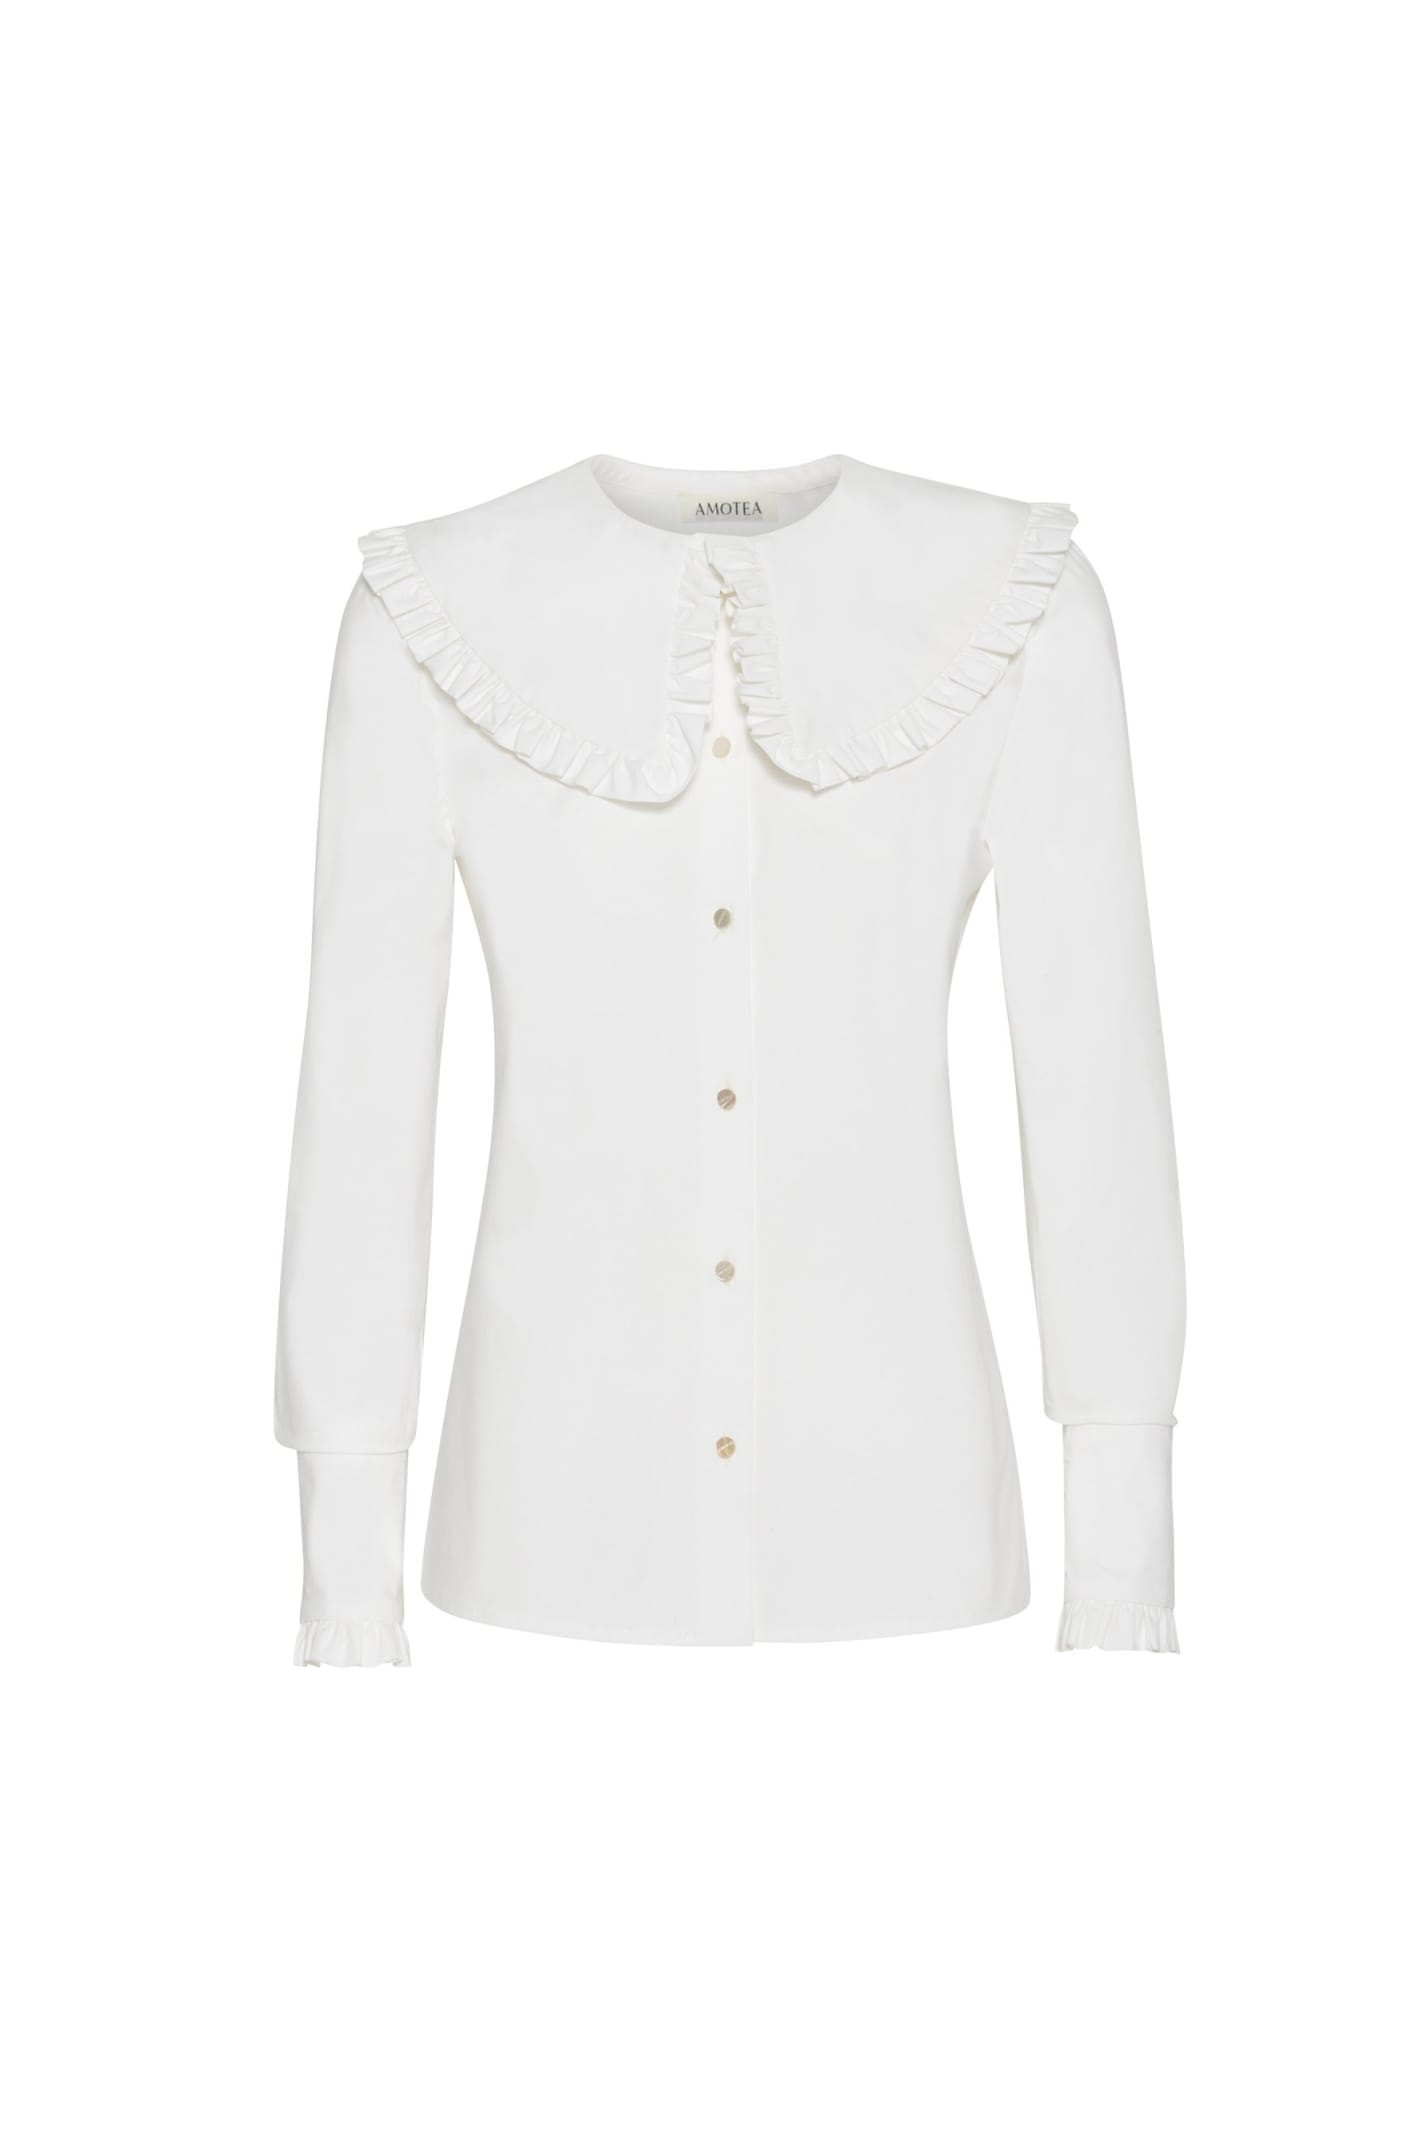 Charlie Shirt In White Popeline